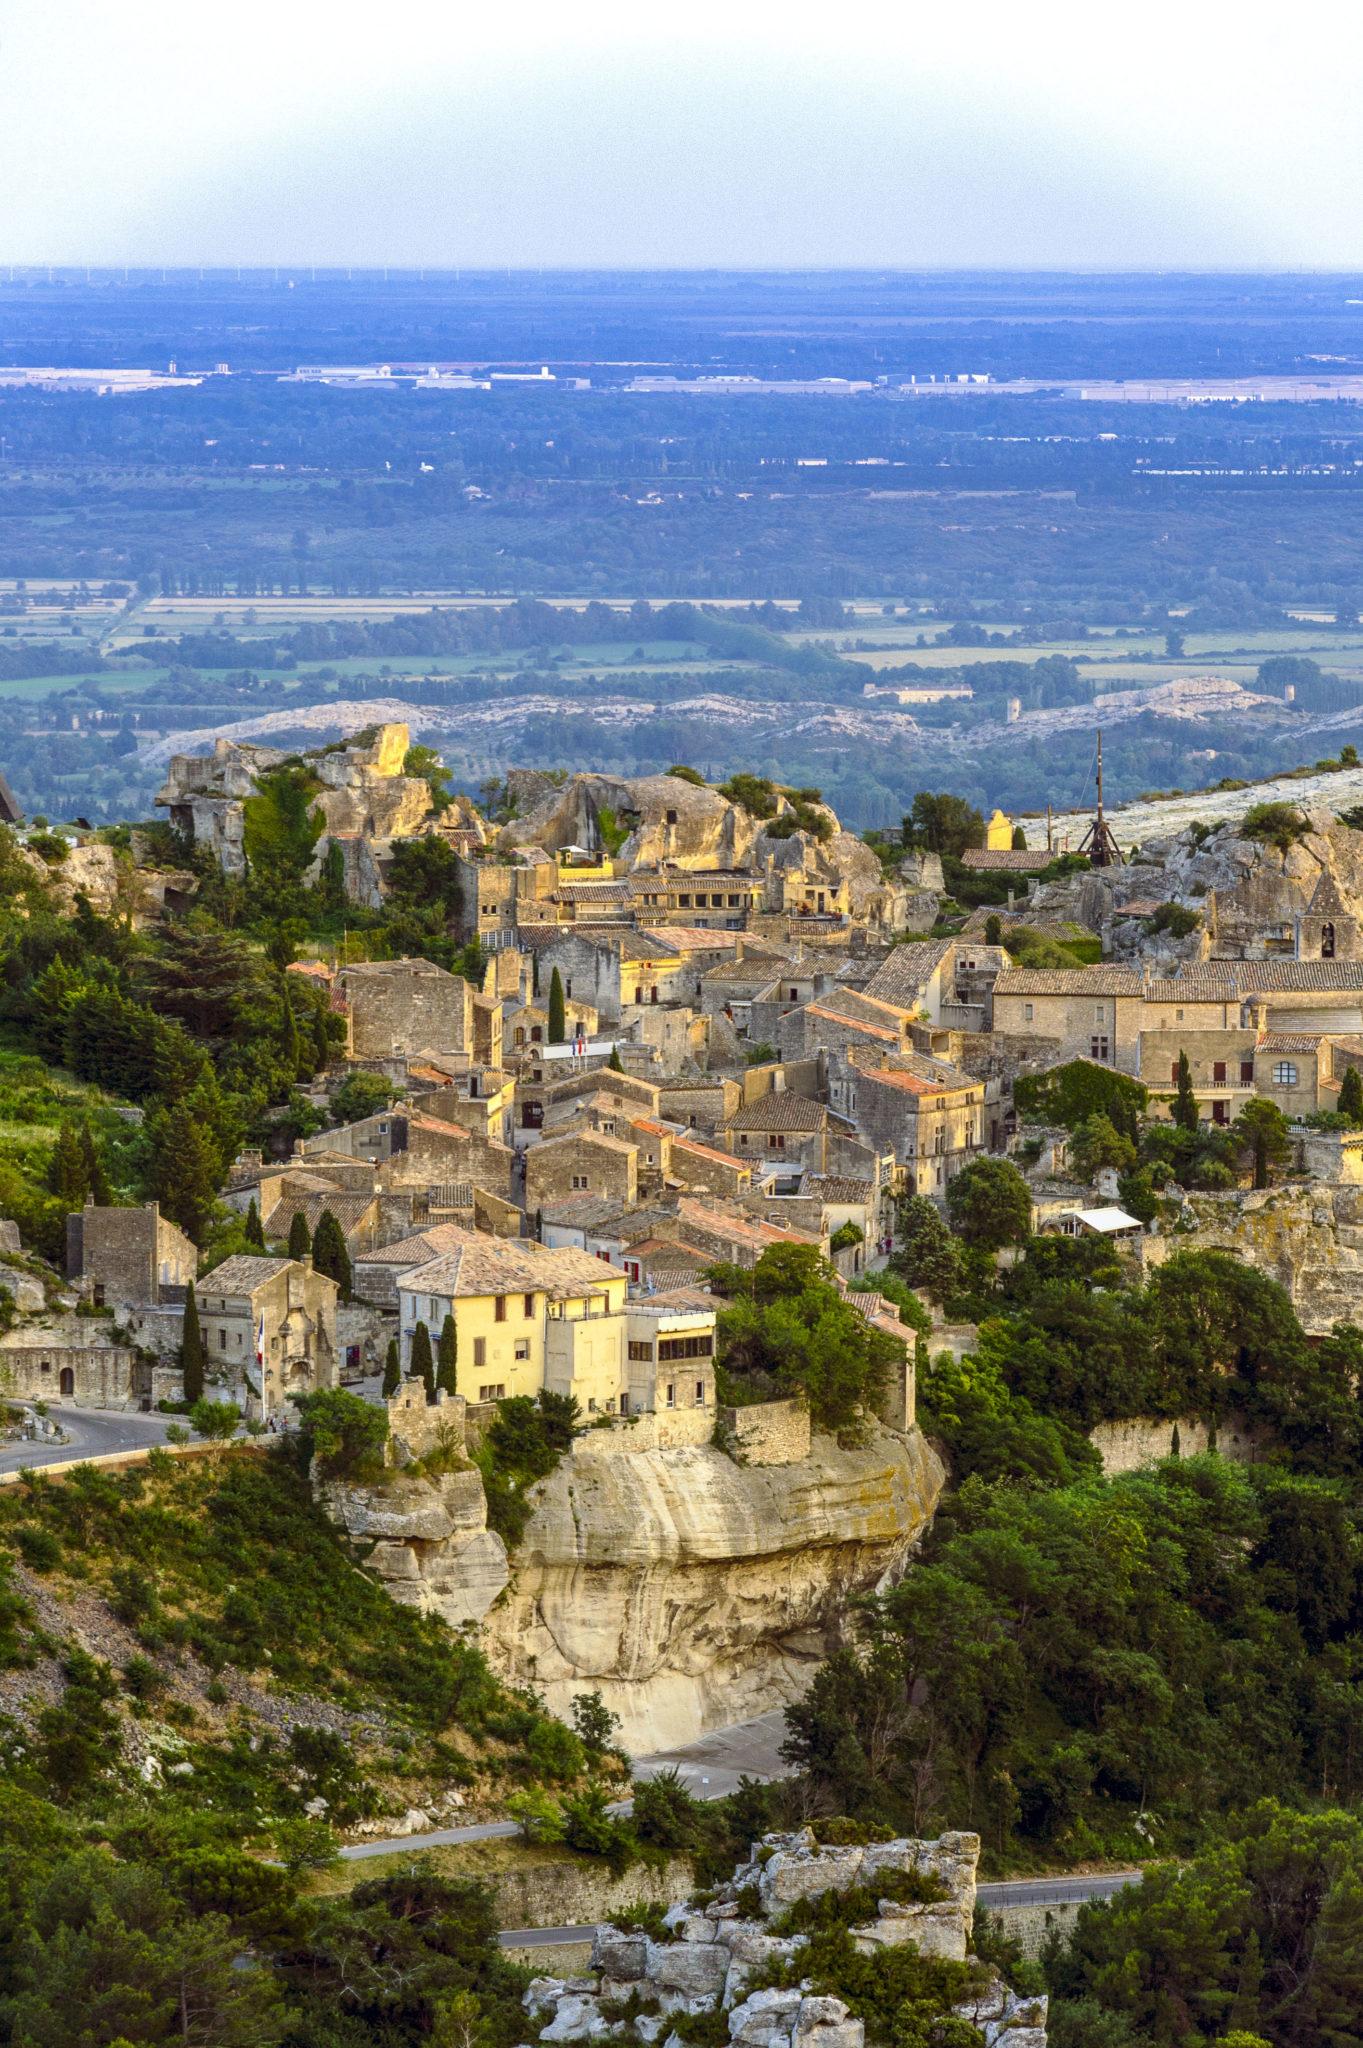 10-lieux-incontournables-découvrir-en-France-baux-de-provence-maurice-style-1